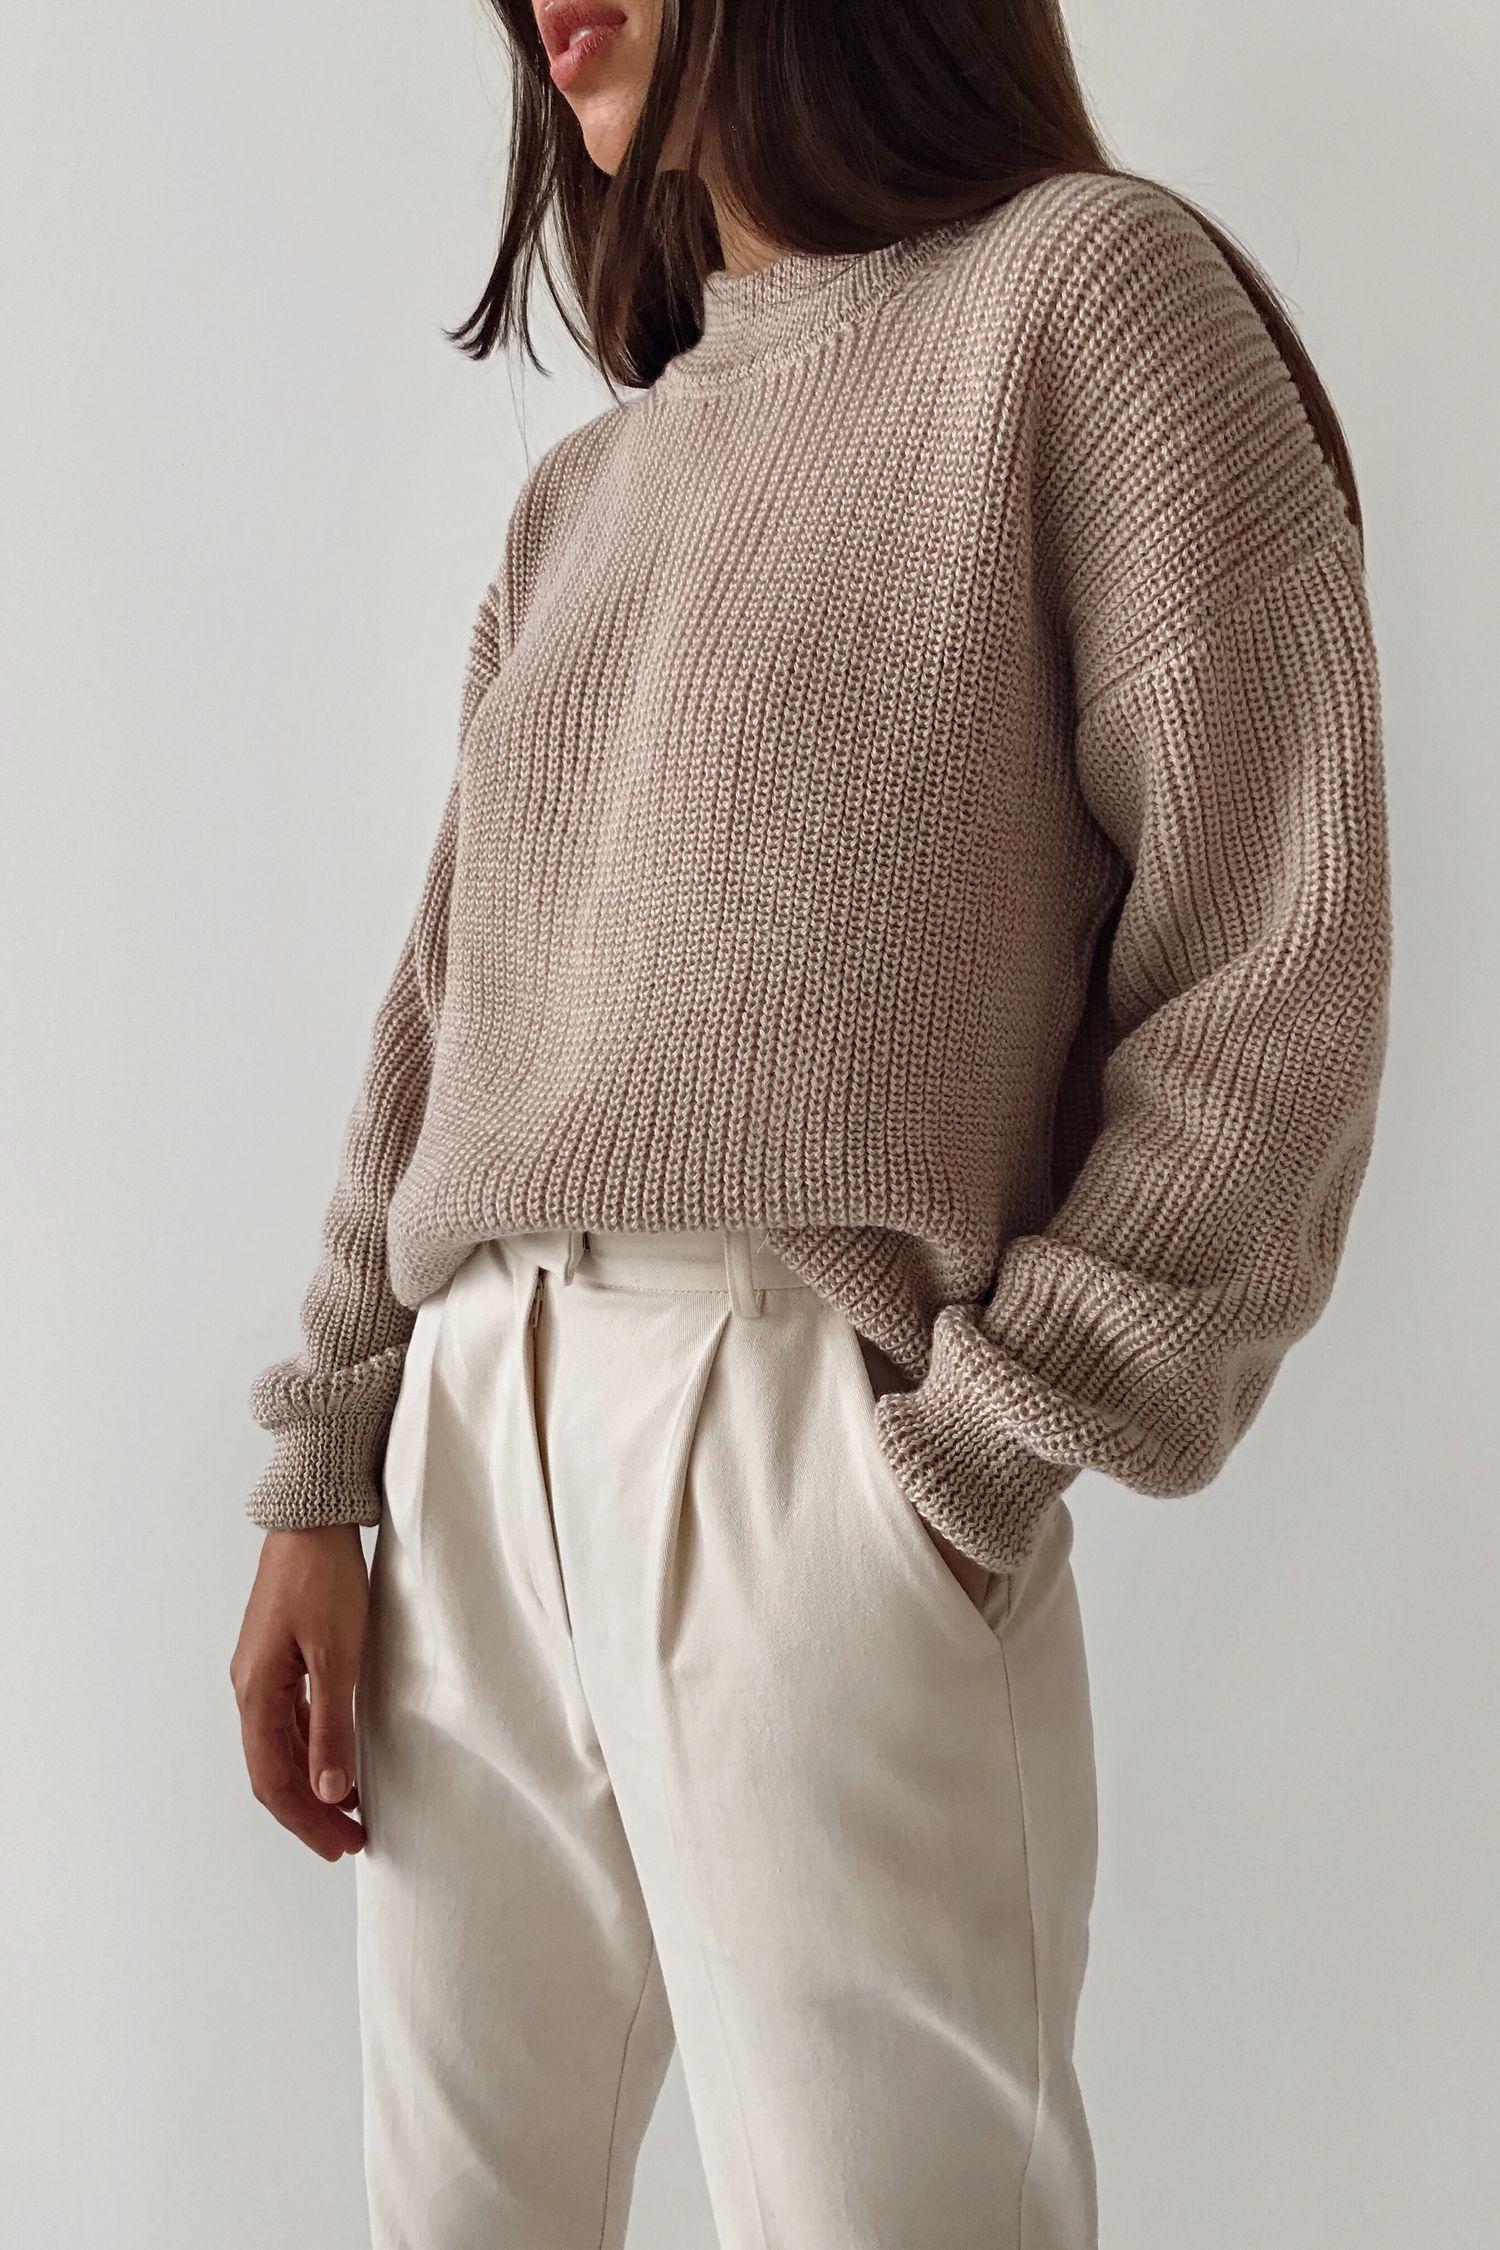 Шерстяной свитер бежевый - THE LACE